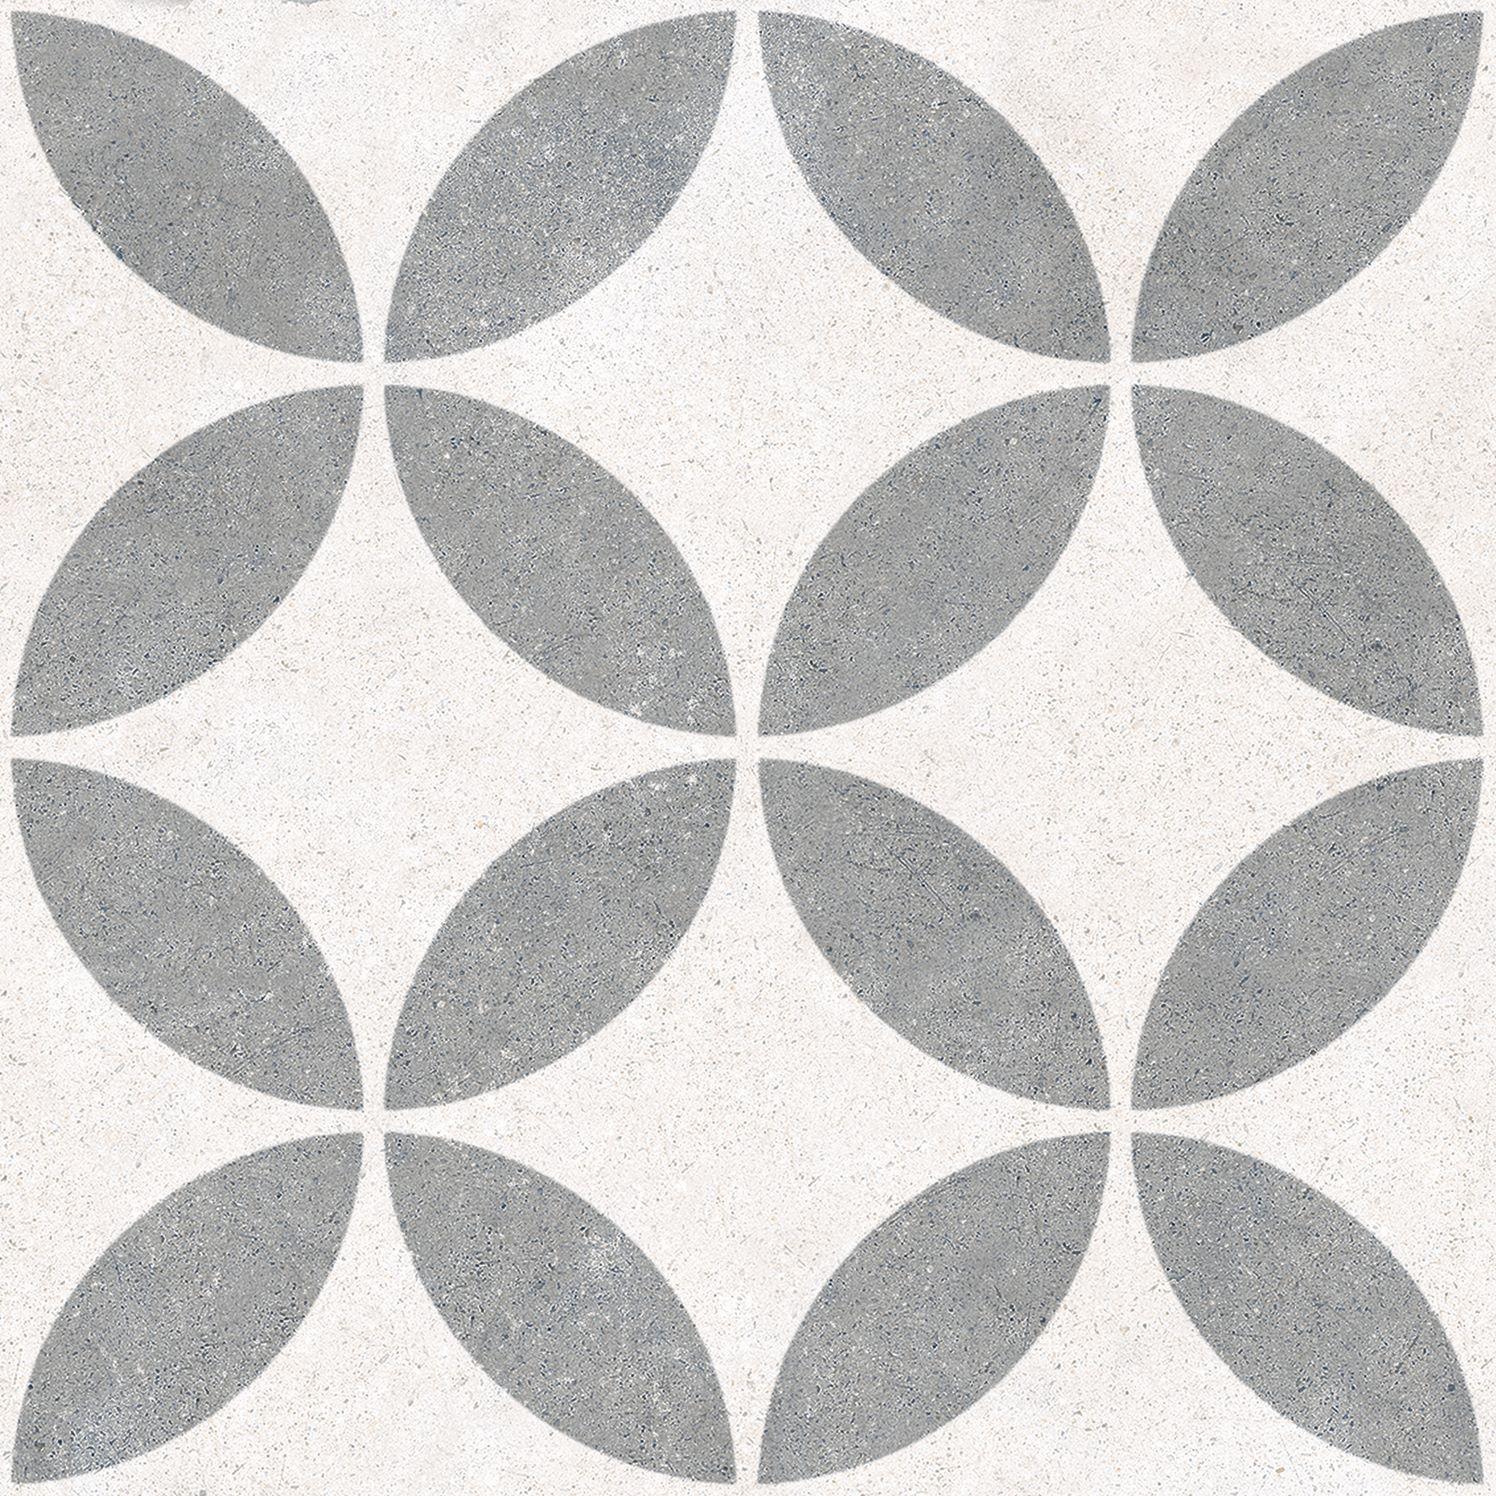 6.0017.21  Codicer Retrofliese / Feinsteinzeug VINTAGE DOVER GREY